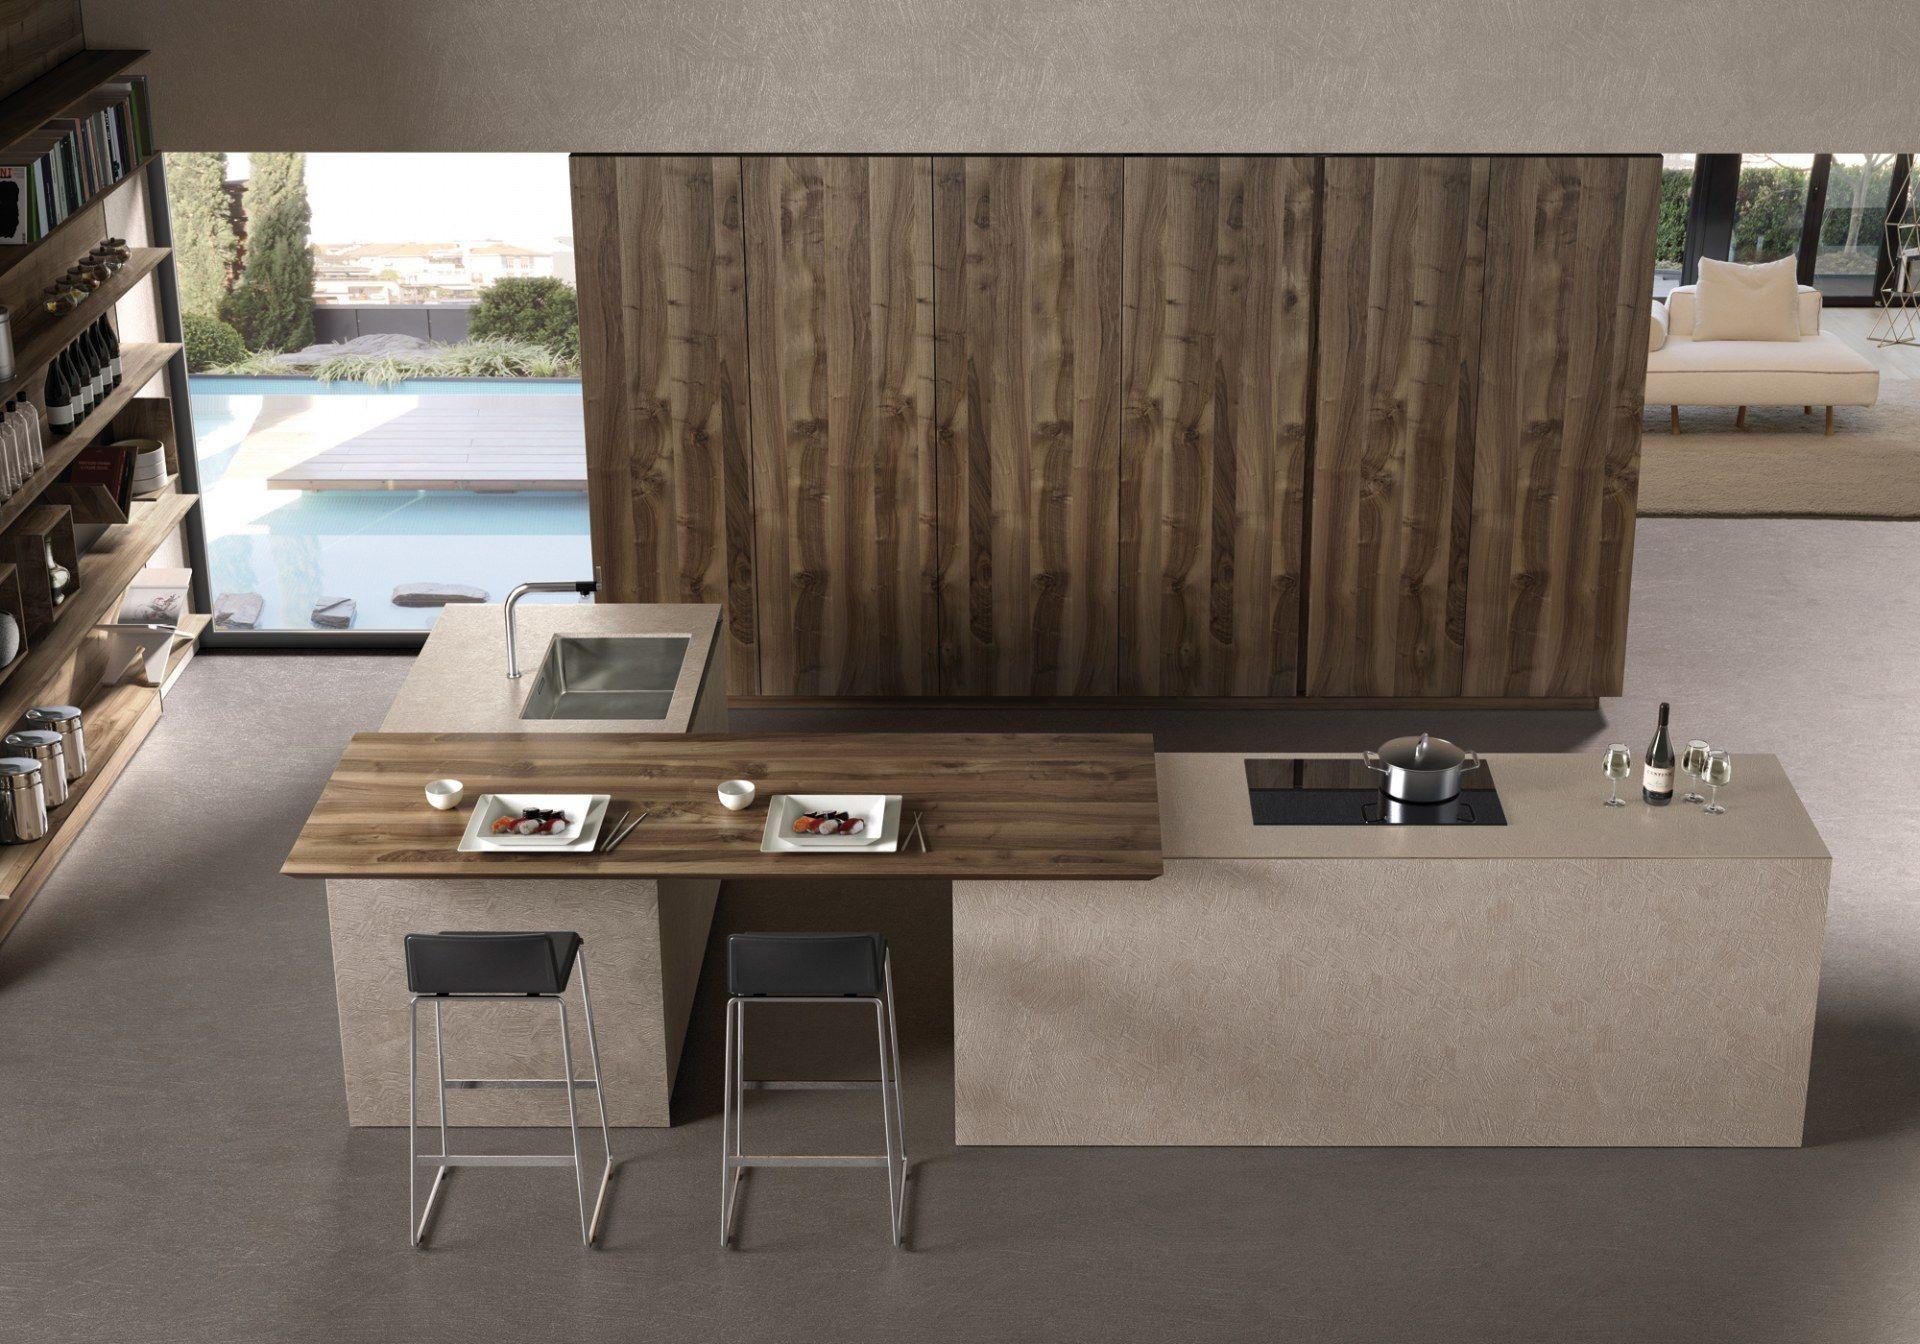 Lujoso Cocina Planificador Virtual Descarga Gratuita Motivo - Ideas ...